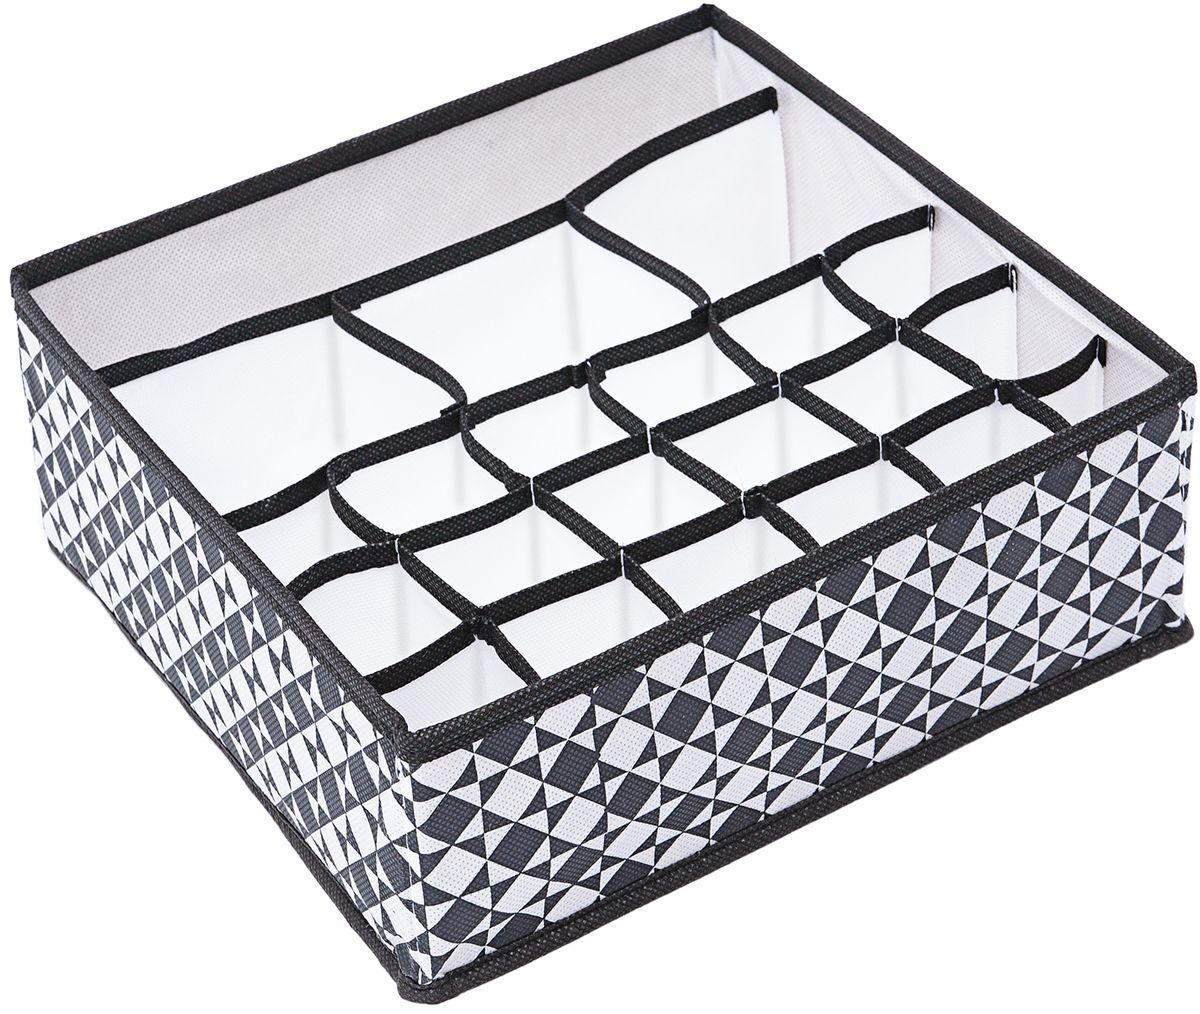 Органайзер Homsu Maestro, на 22 ячейки ,30 x 30 x 11 смRG-D31SСупер универсальный органайзер с секциями разного размера наведет порядок в любом ящике комода или на полке. Благодаря размерам ячеек, вы легко сможете хранить в нем вещи такие, как футболки, нижнее белье, носки, шапки и многое другое. Имеет жесткие борта, что является гарантией сохранности вещей. Подходит в шкафы Били от Икея.